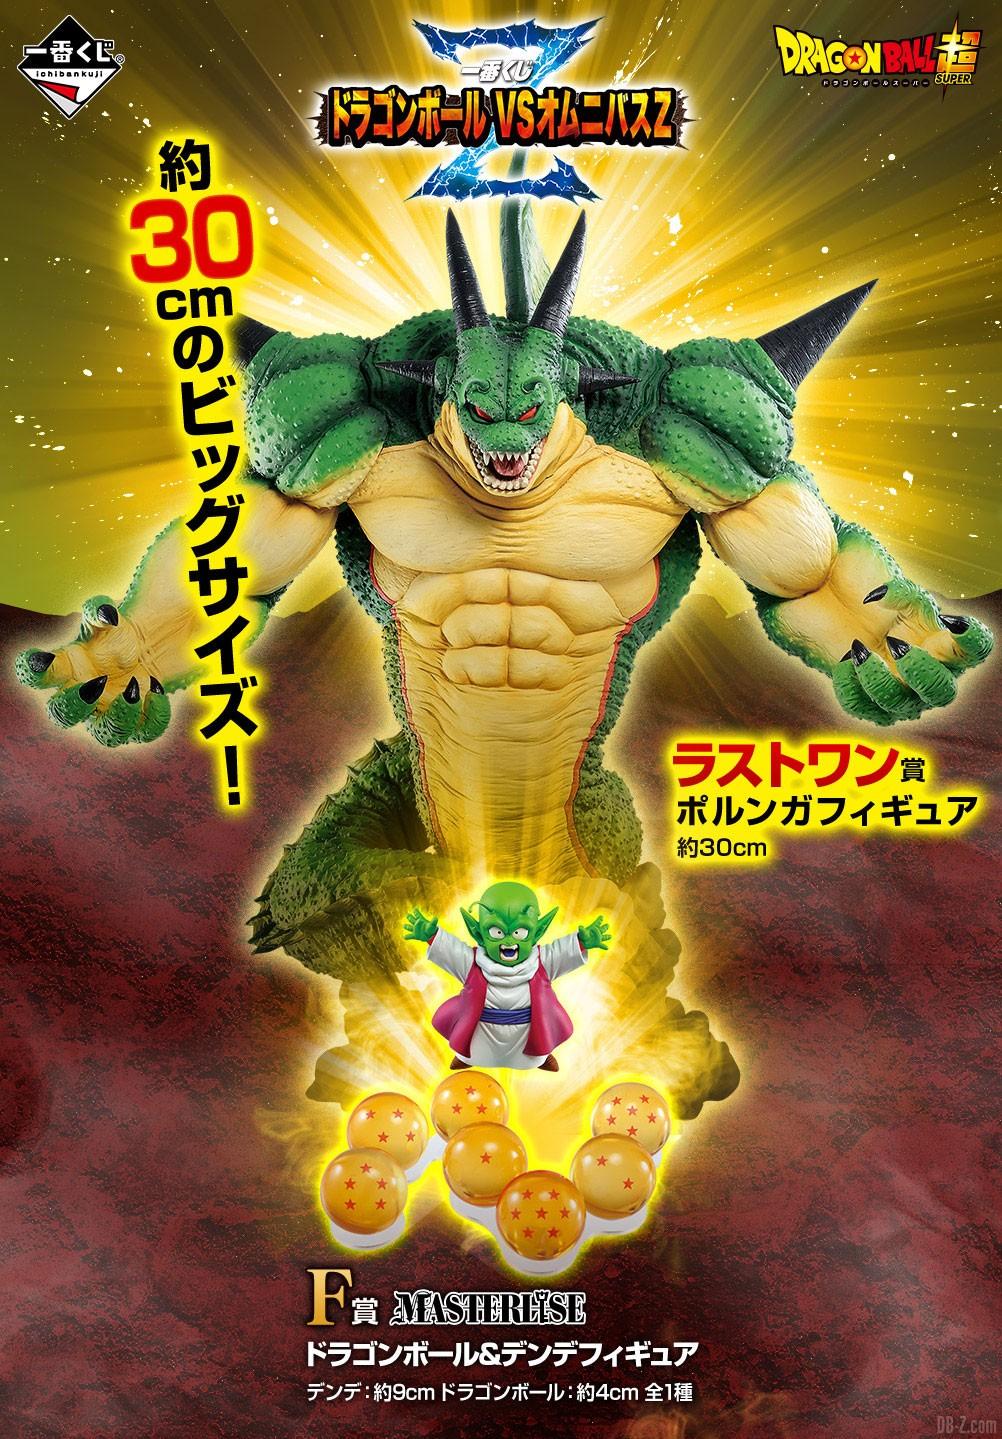 Ichiban Kuji Dragon Ball VS Omnibus Z 1